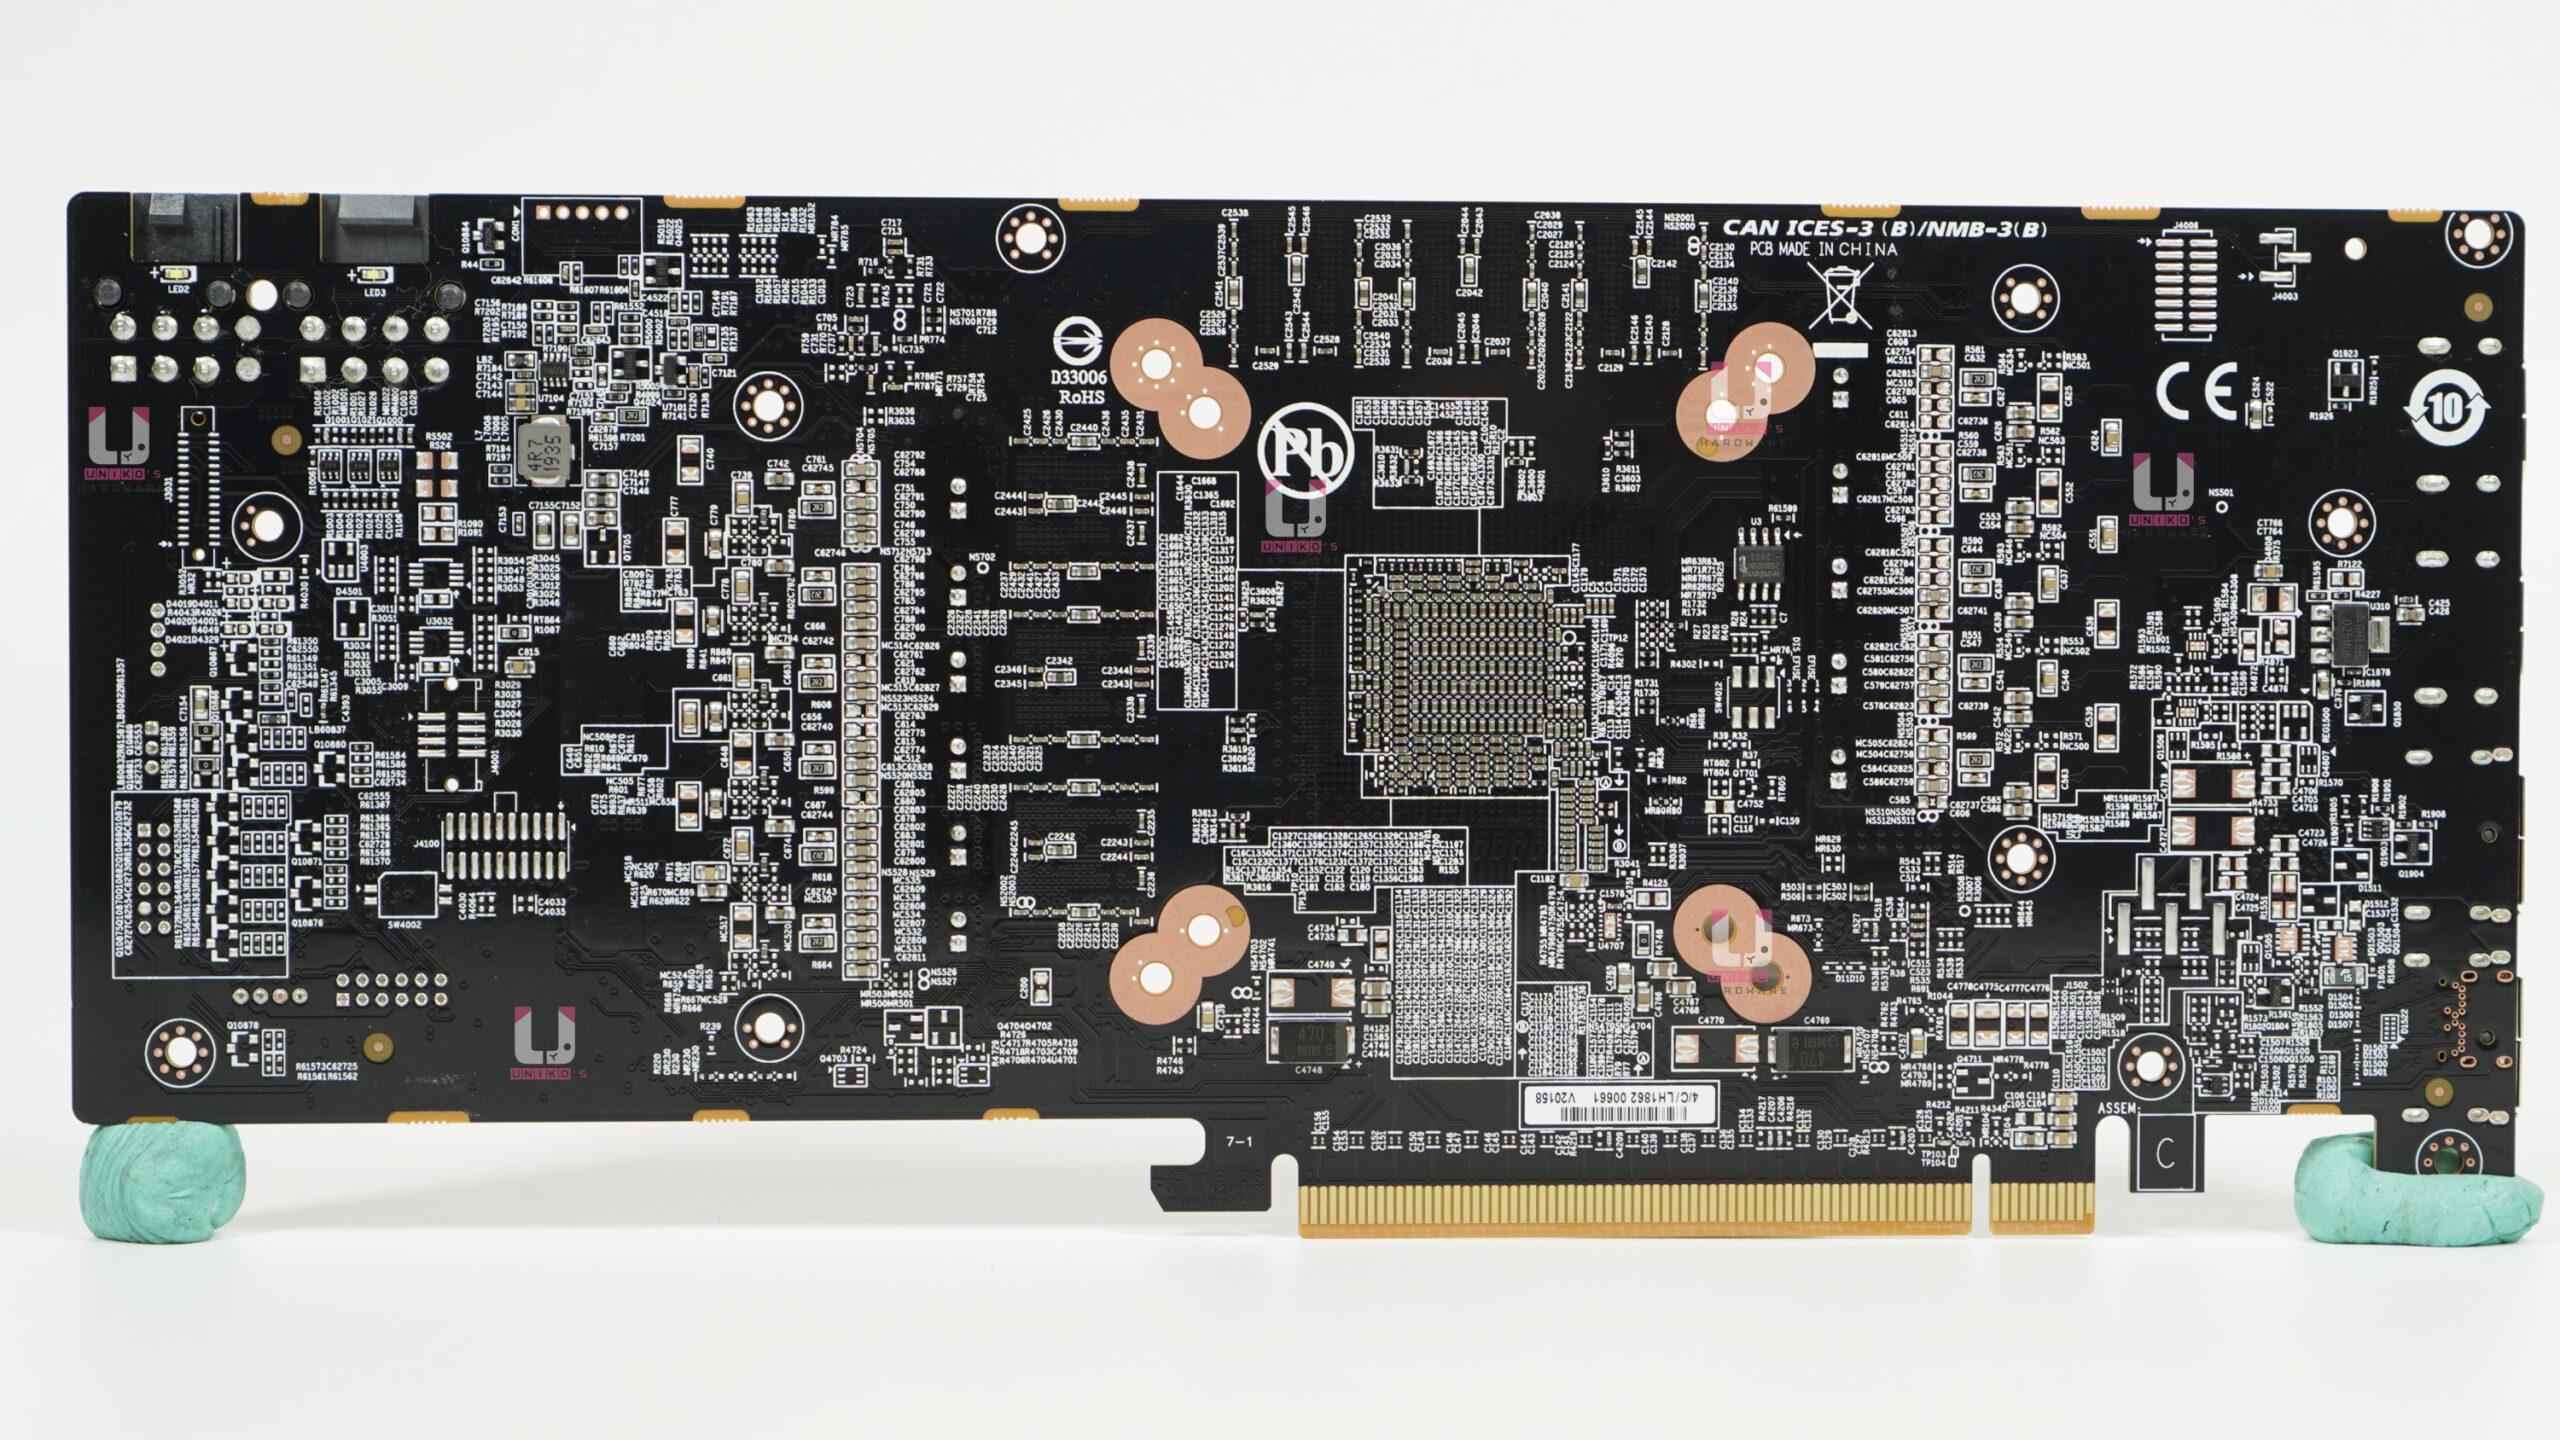 Radeon RX 6700 XT GAMING OC 12G PCB 背面。